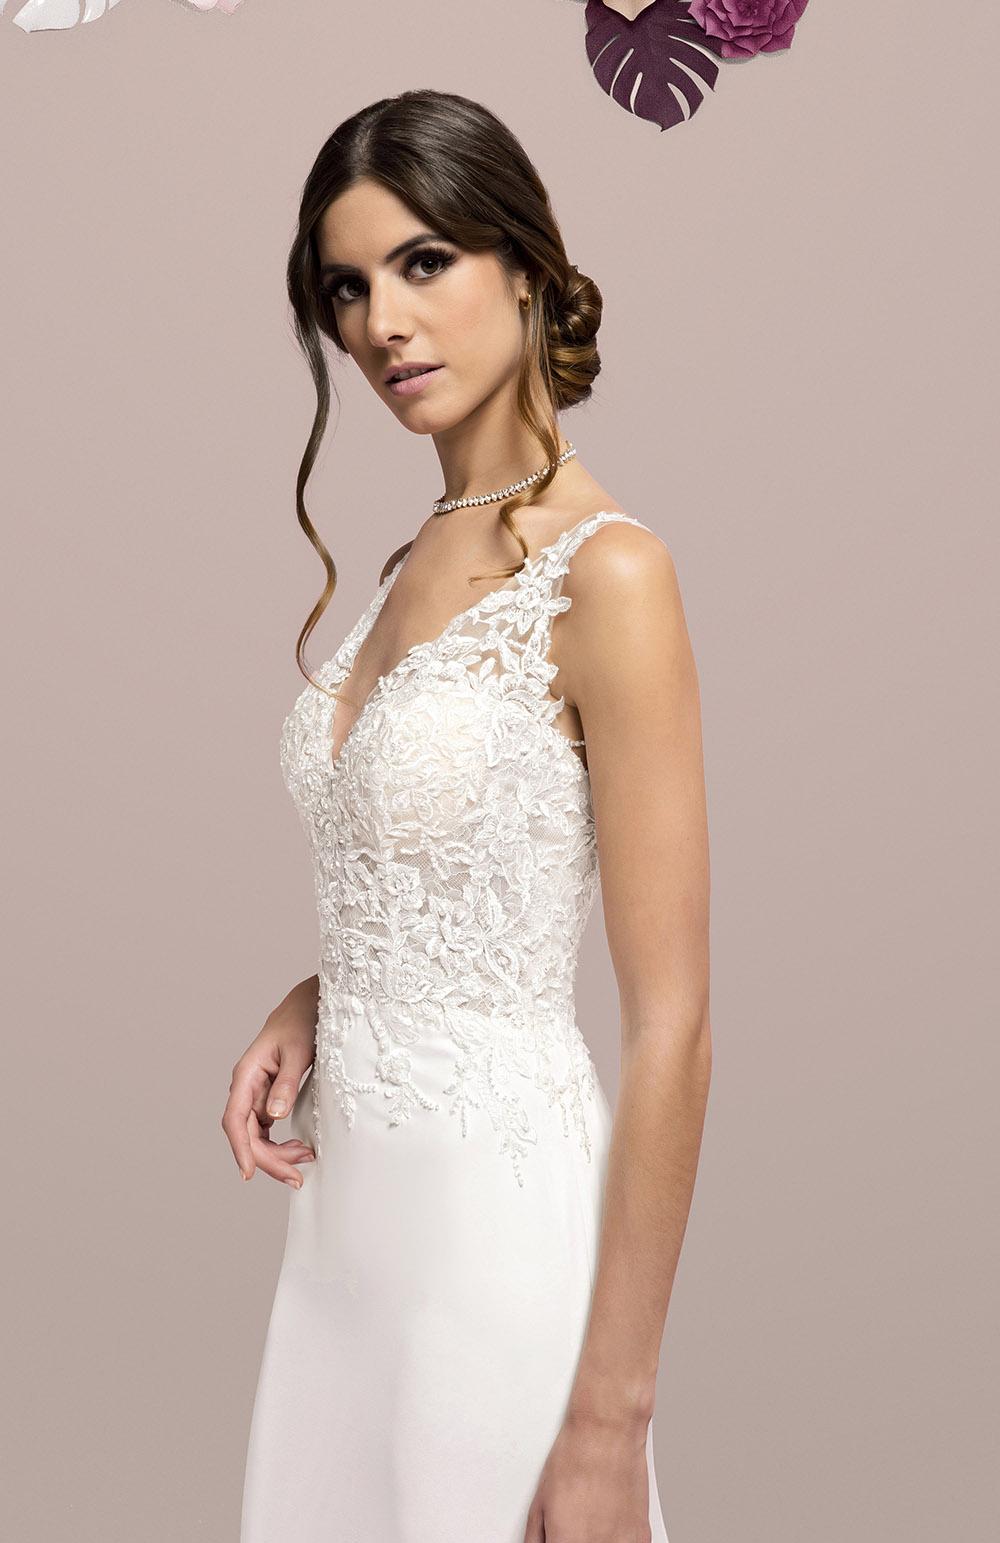 Robes de mariée style Mousseline & Dentelle